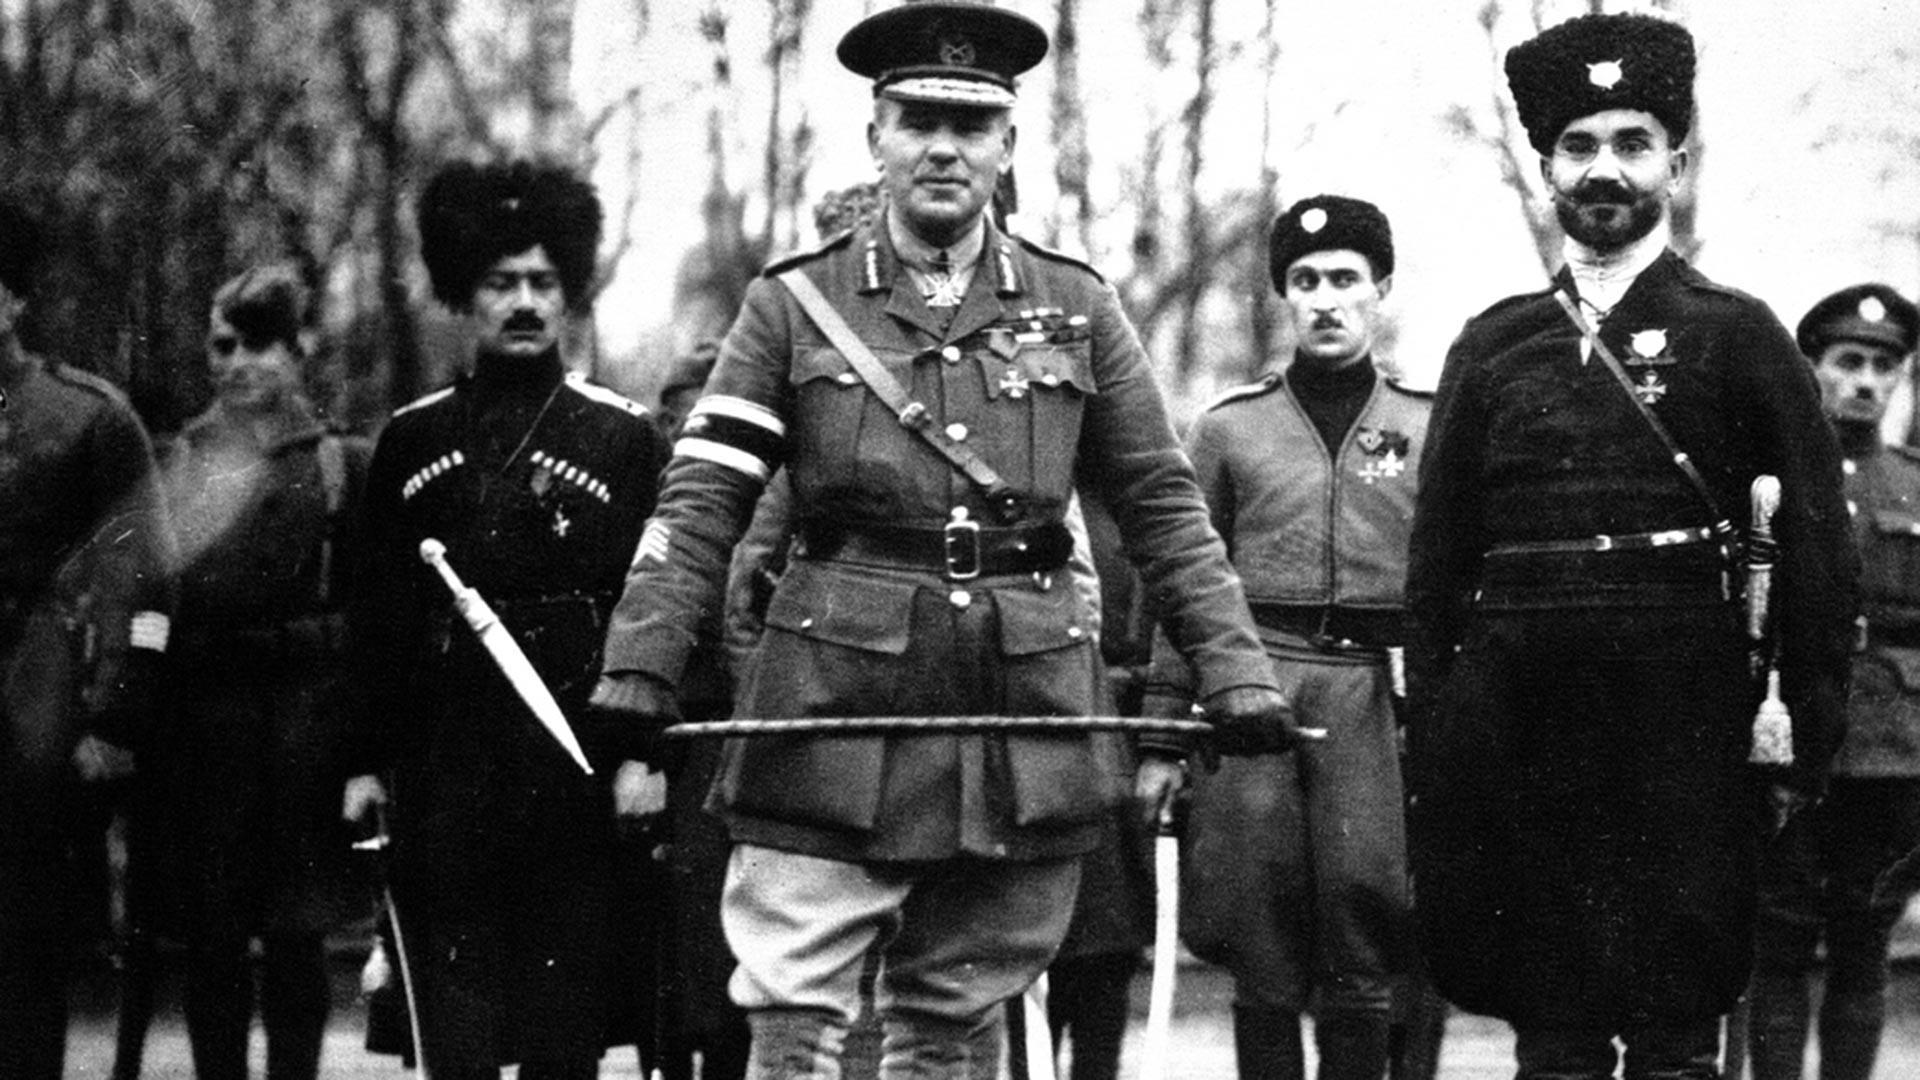 """Британски генерал Фредерик Пул, који је командовао савезничким снагама у Архангелску до октобра 1918. године, заједно са козацима. Касније је стациониран са """"белом"""" трупама на југу Русије."""